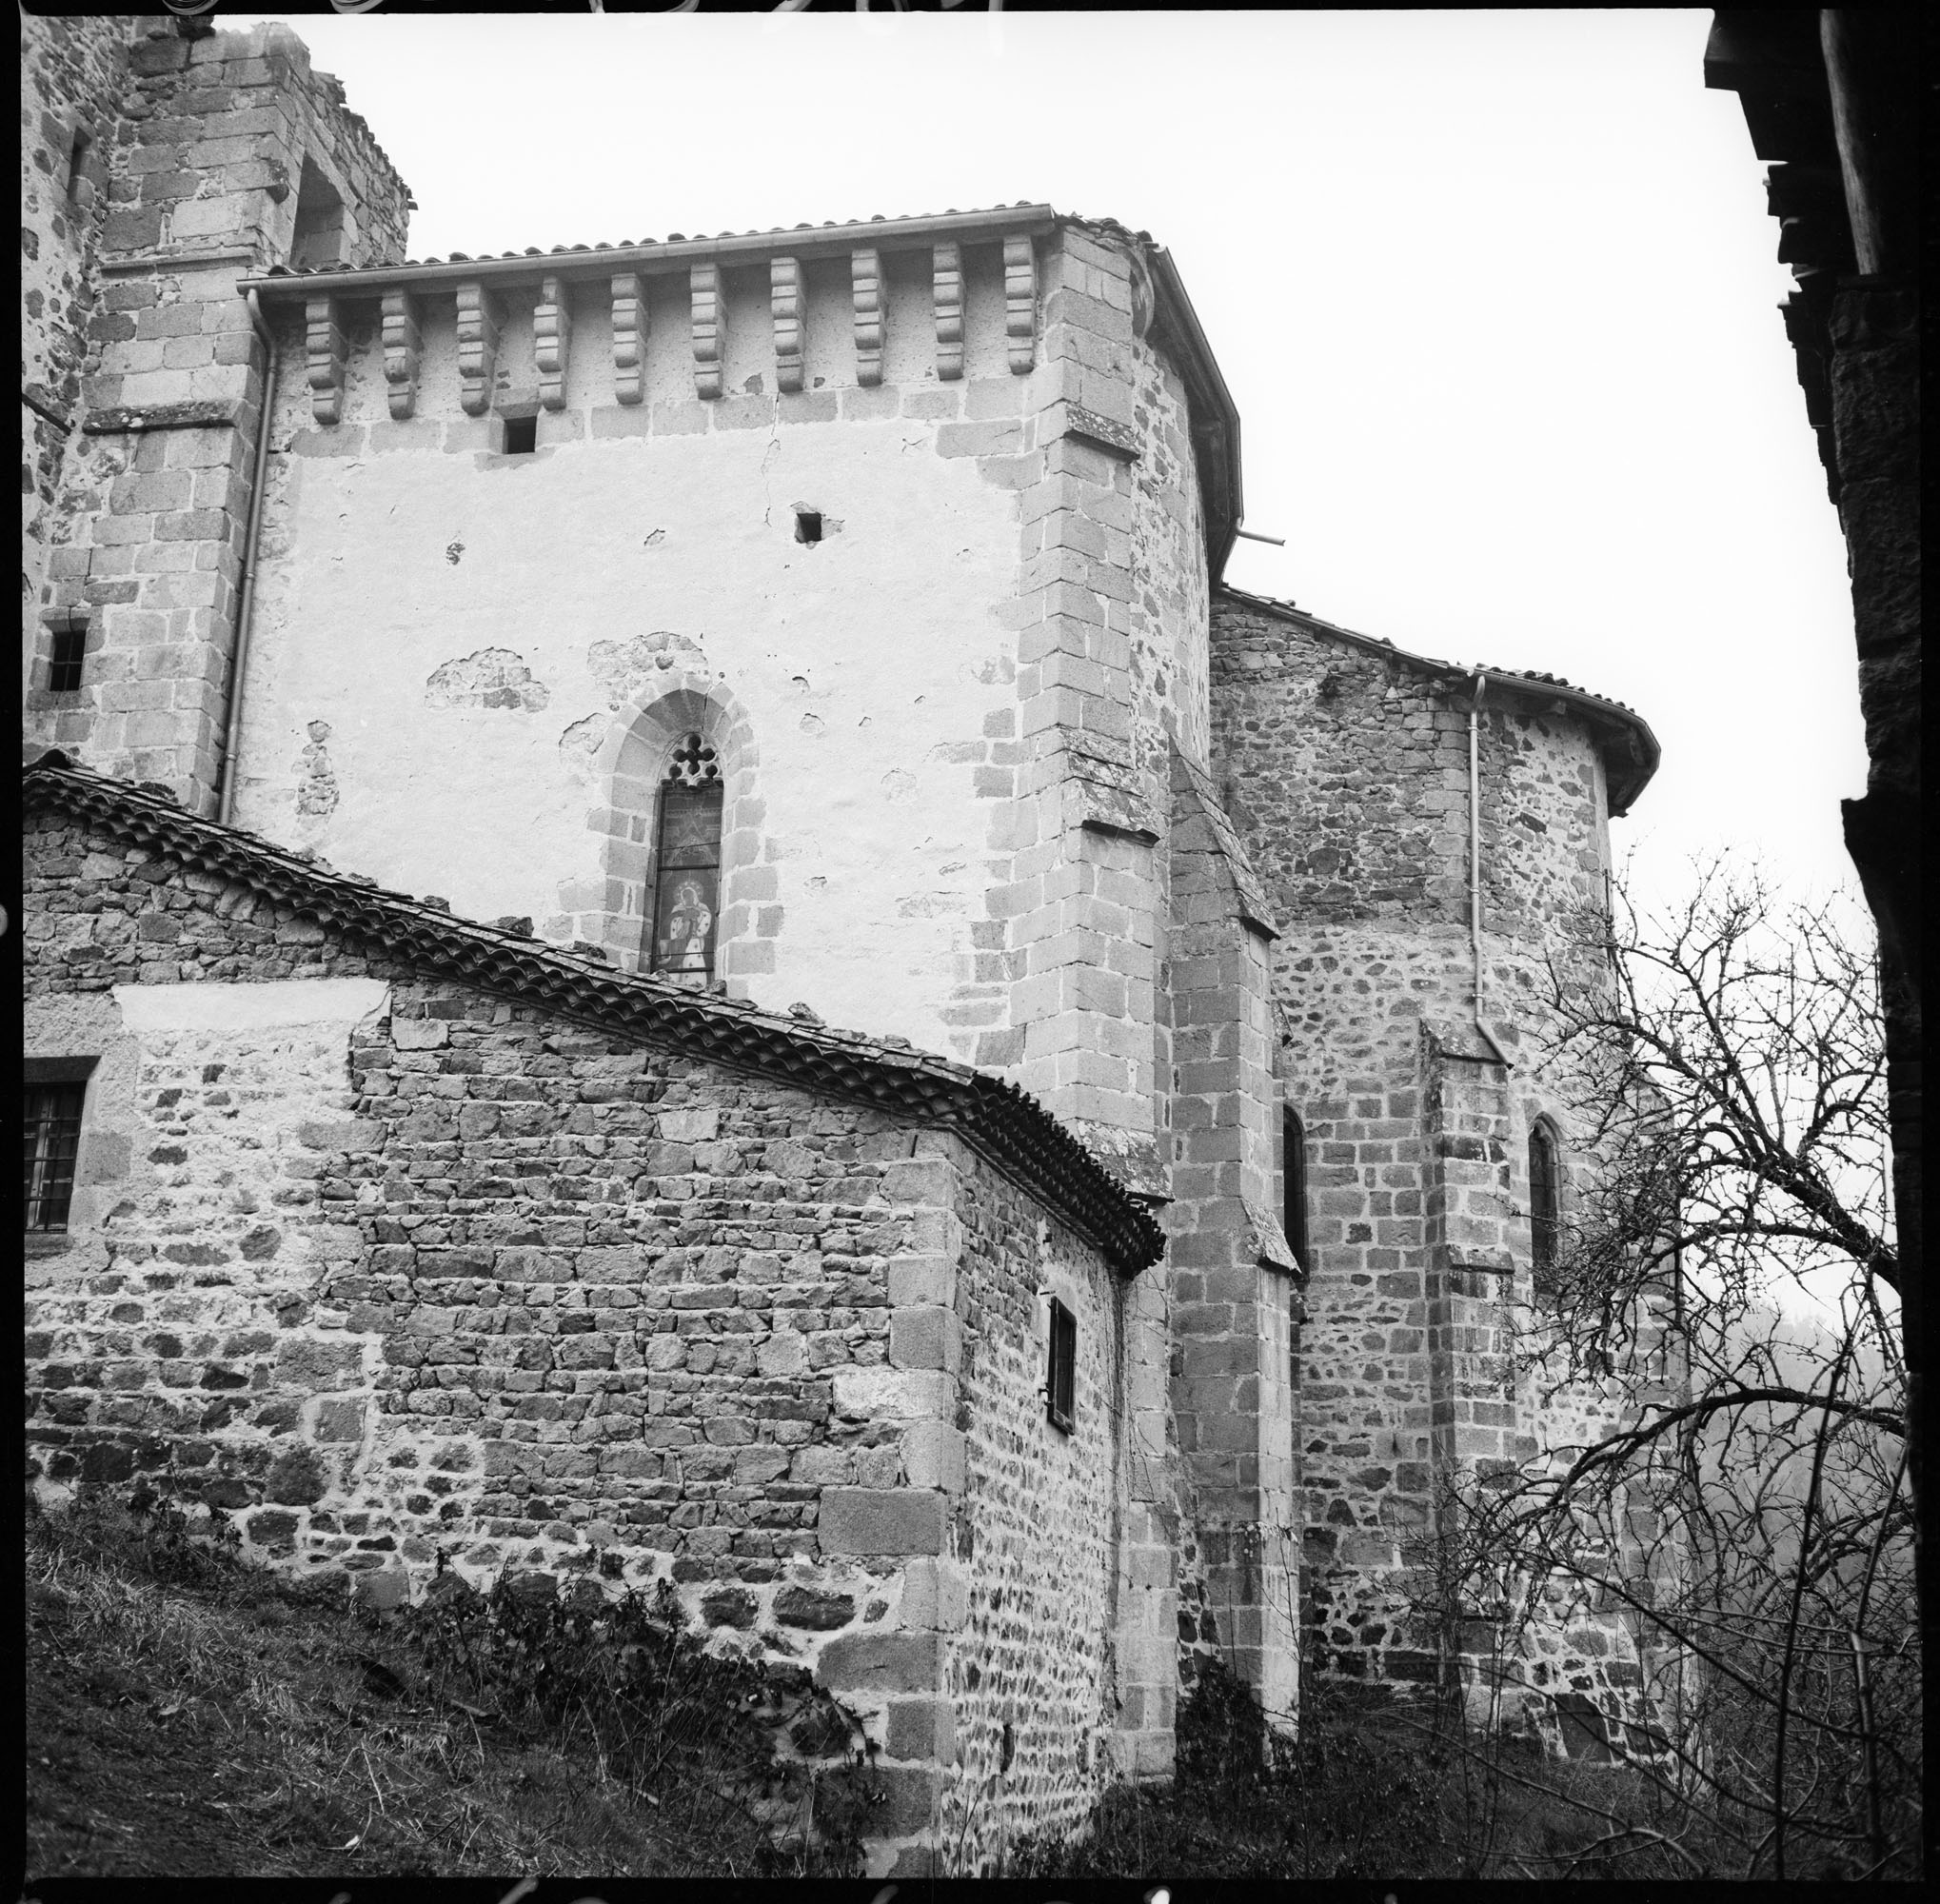 Eglise Saint-Blaise